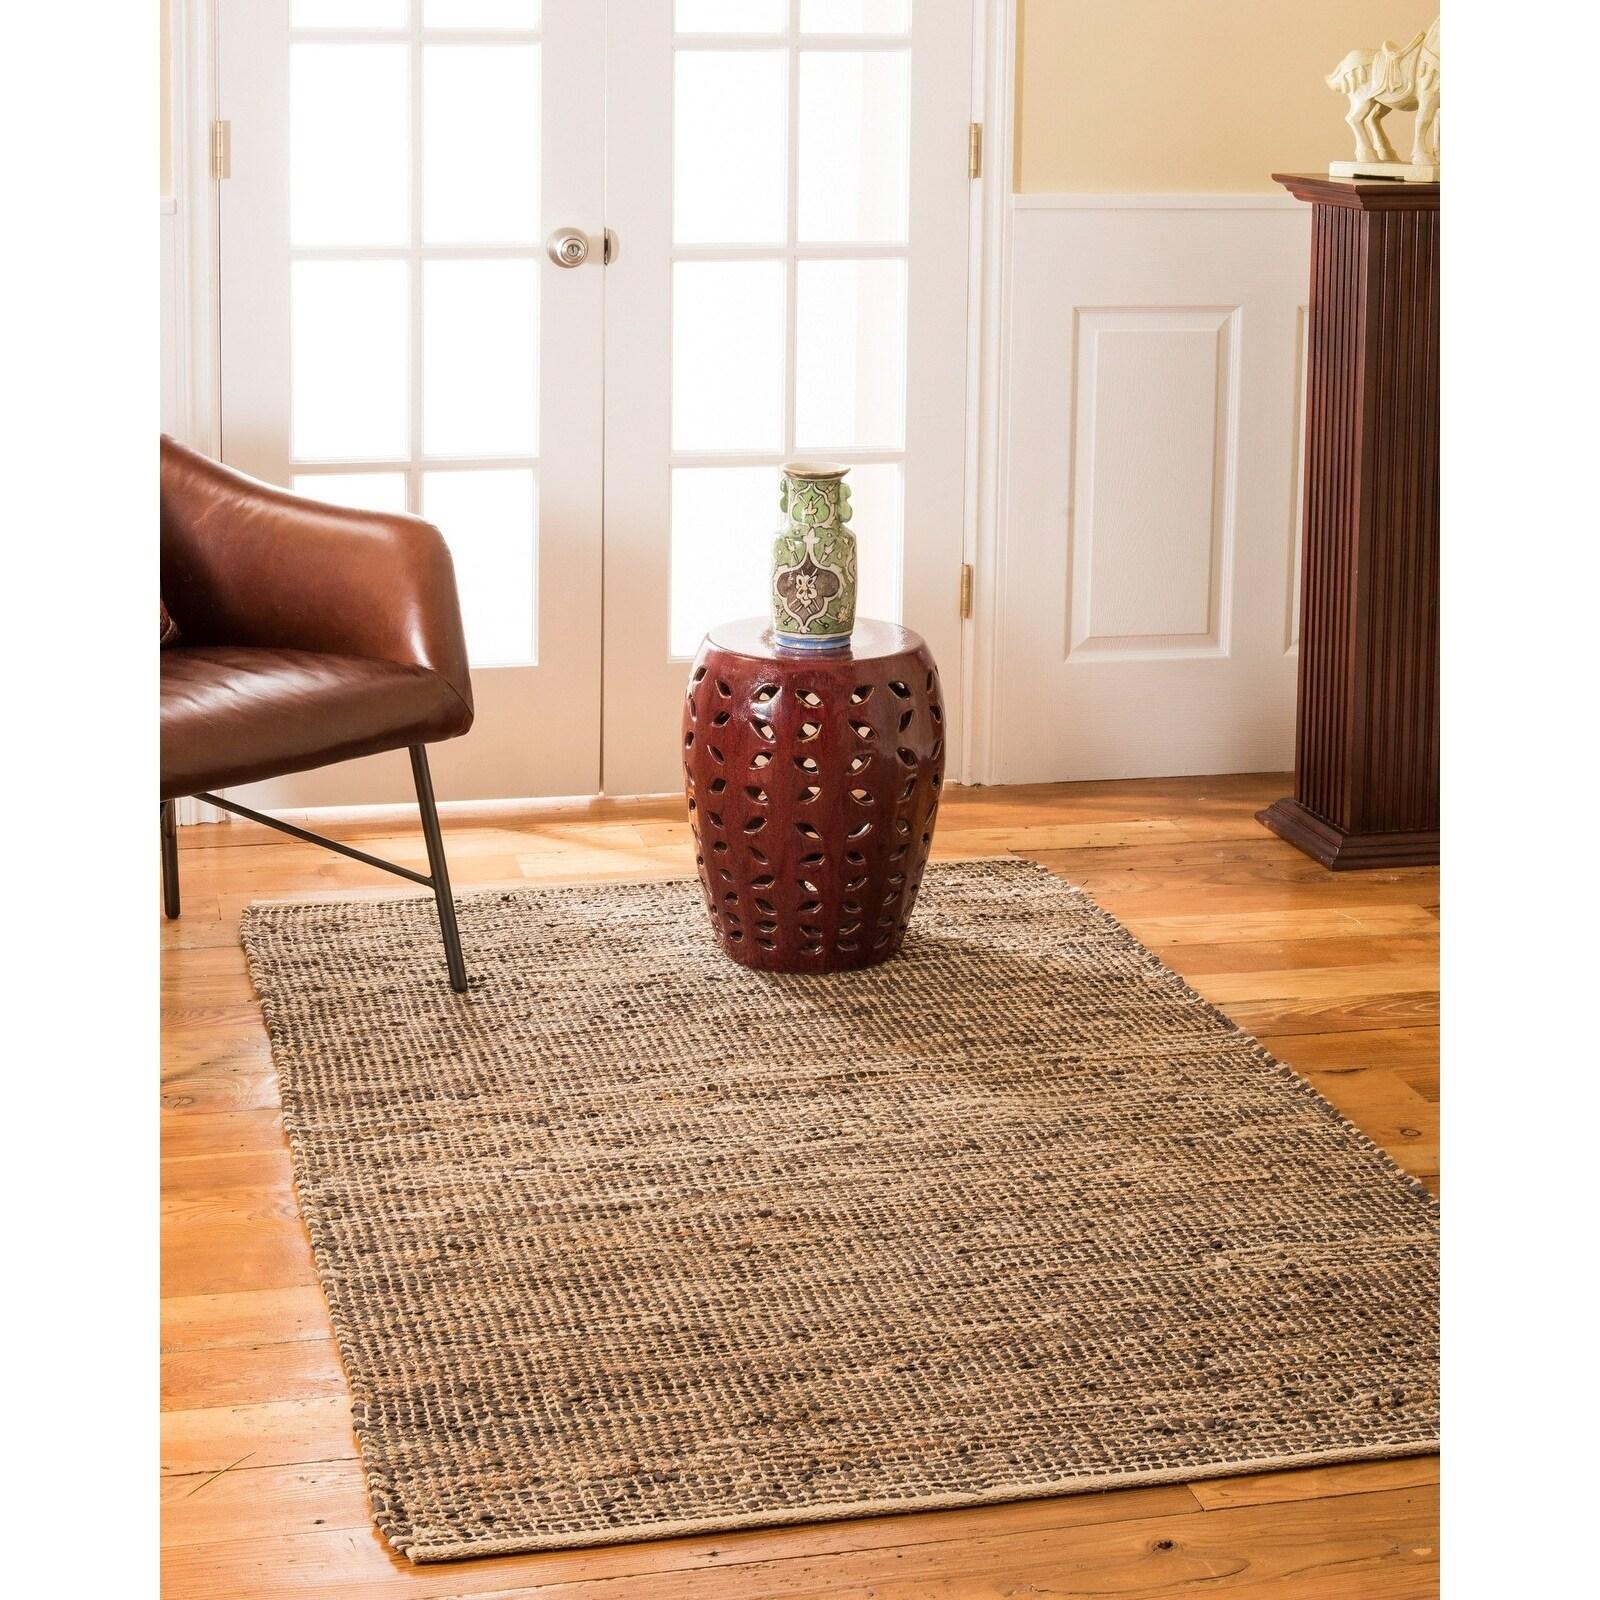 Natural Area Rugs 100% Natural Fiber Handmade Reversible Cosmo Jute Rectangular Rug (9 X 12) Brown - 9 x 12 (9 x 12 - Brown)